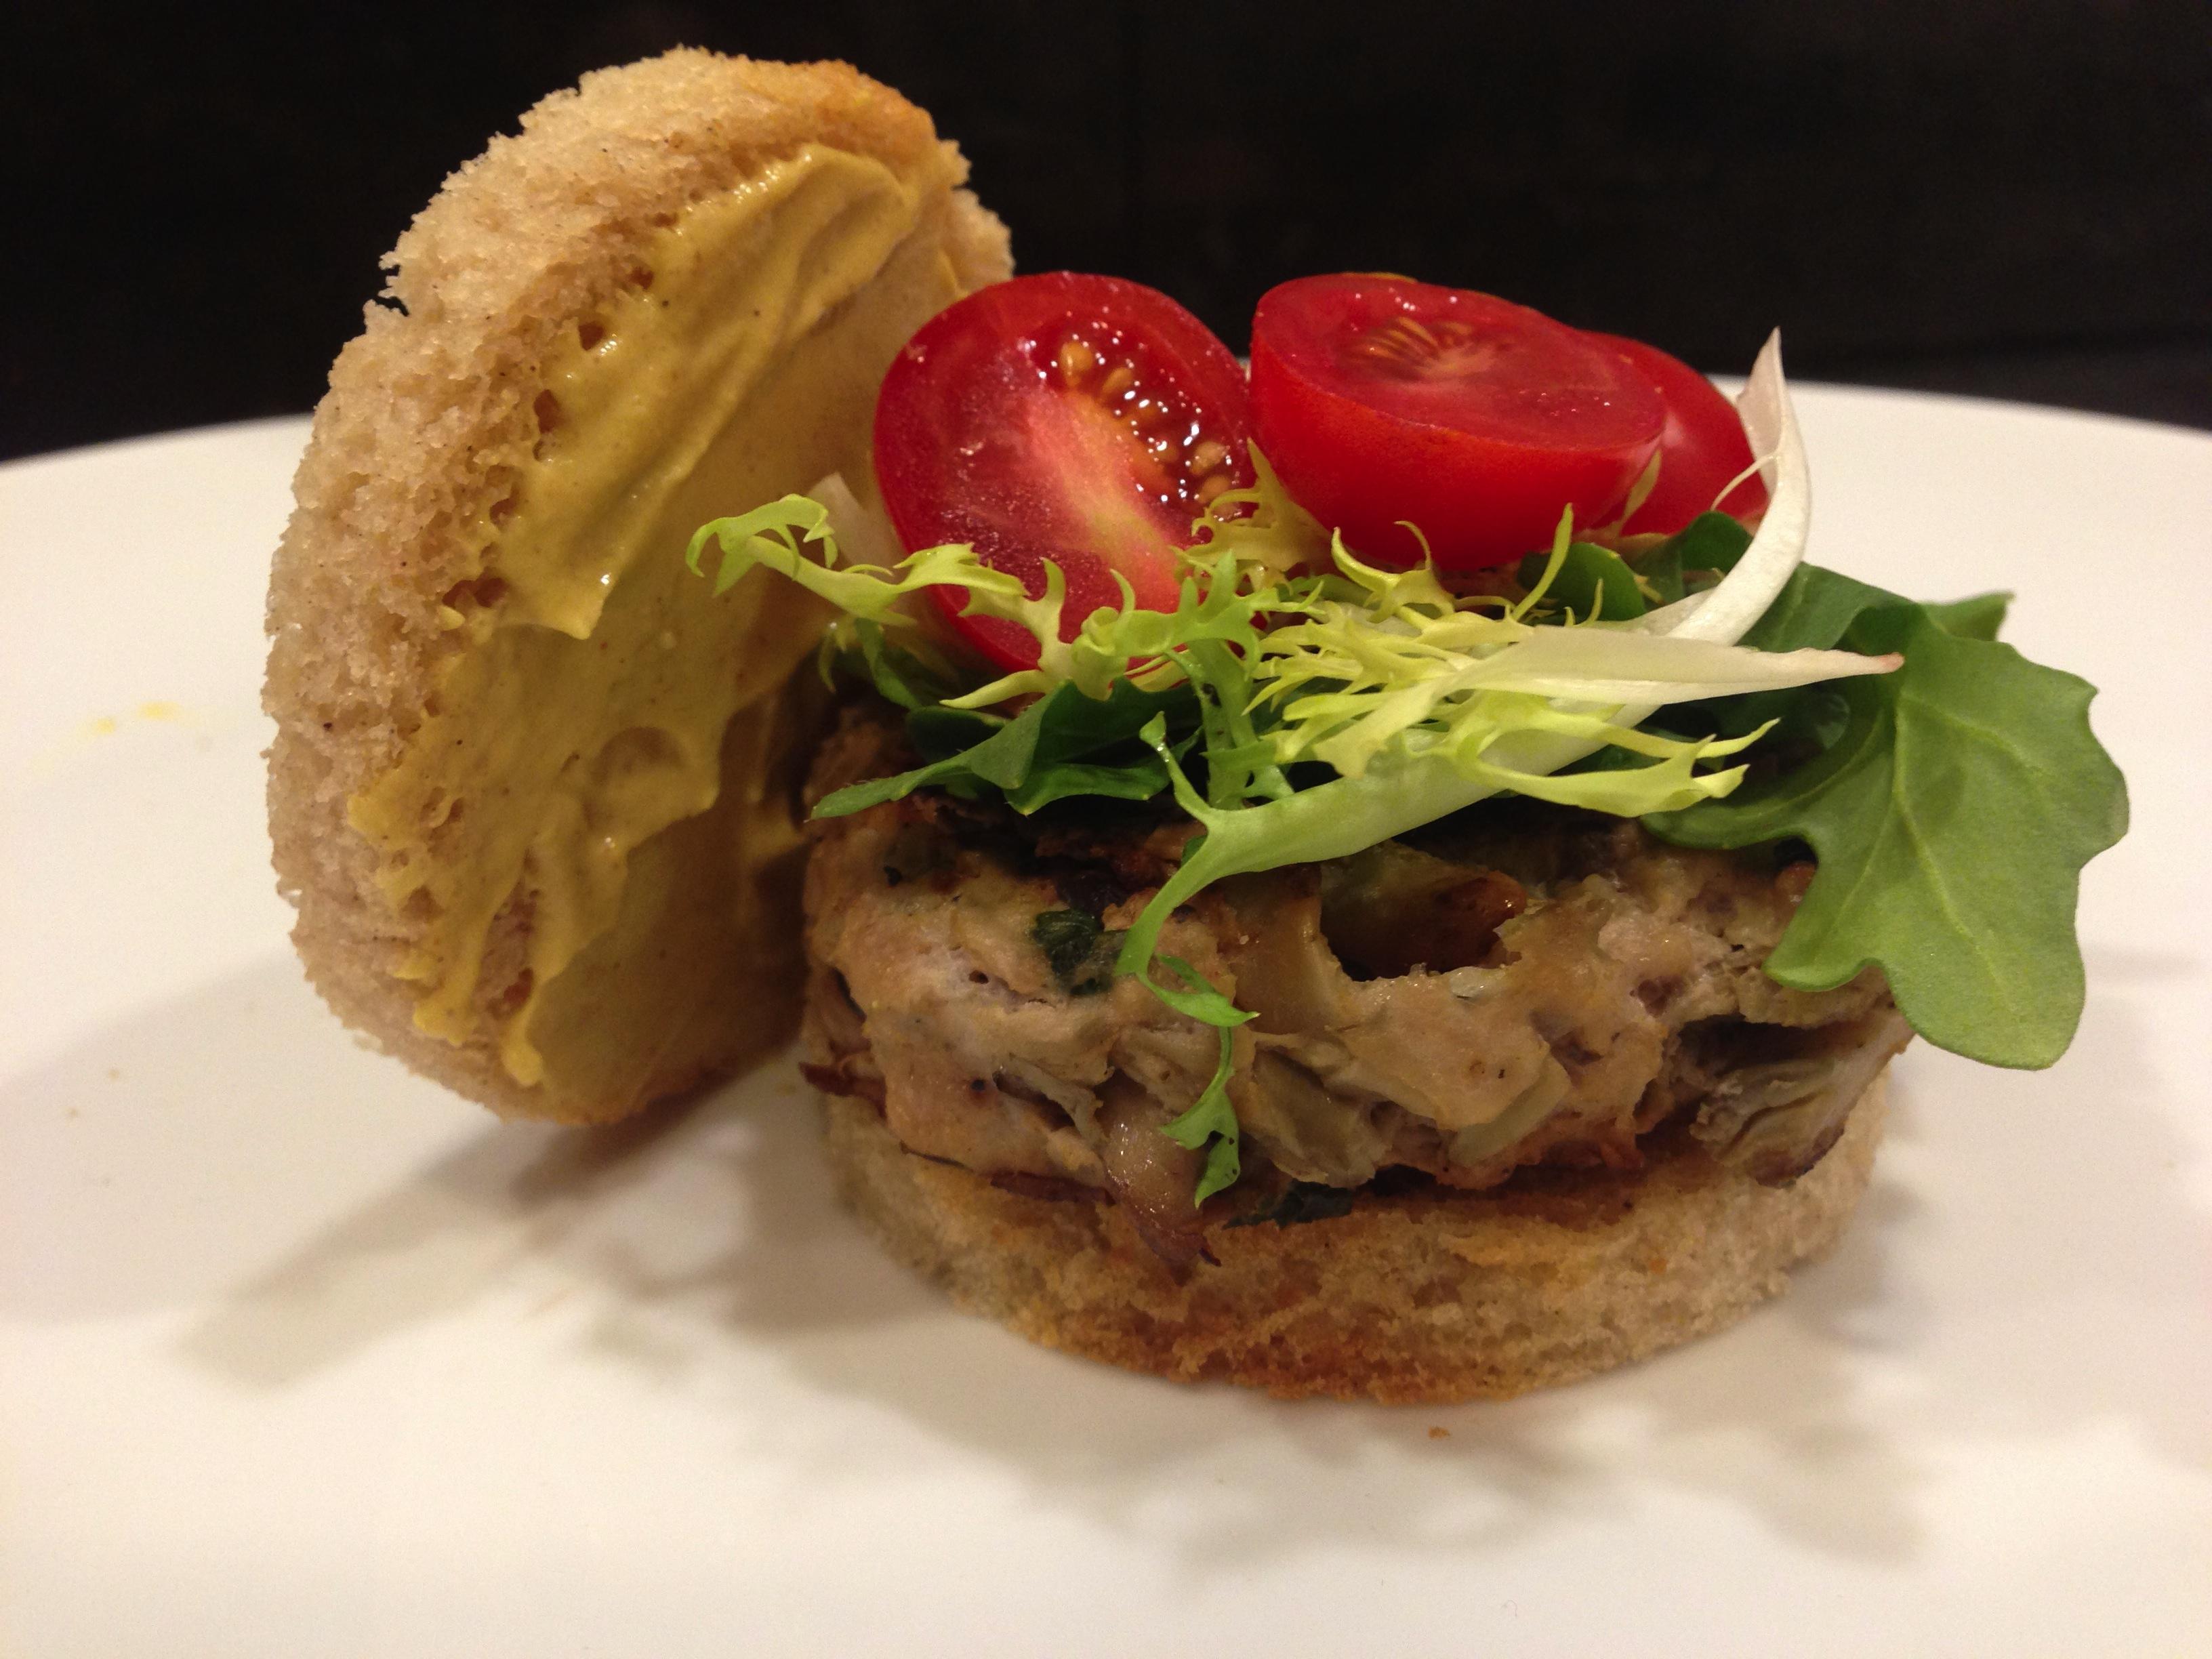 Mediterranean Chicken Burger - Living Fit Lifestyle